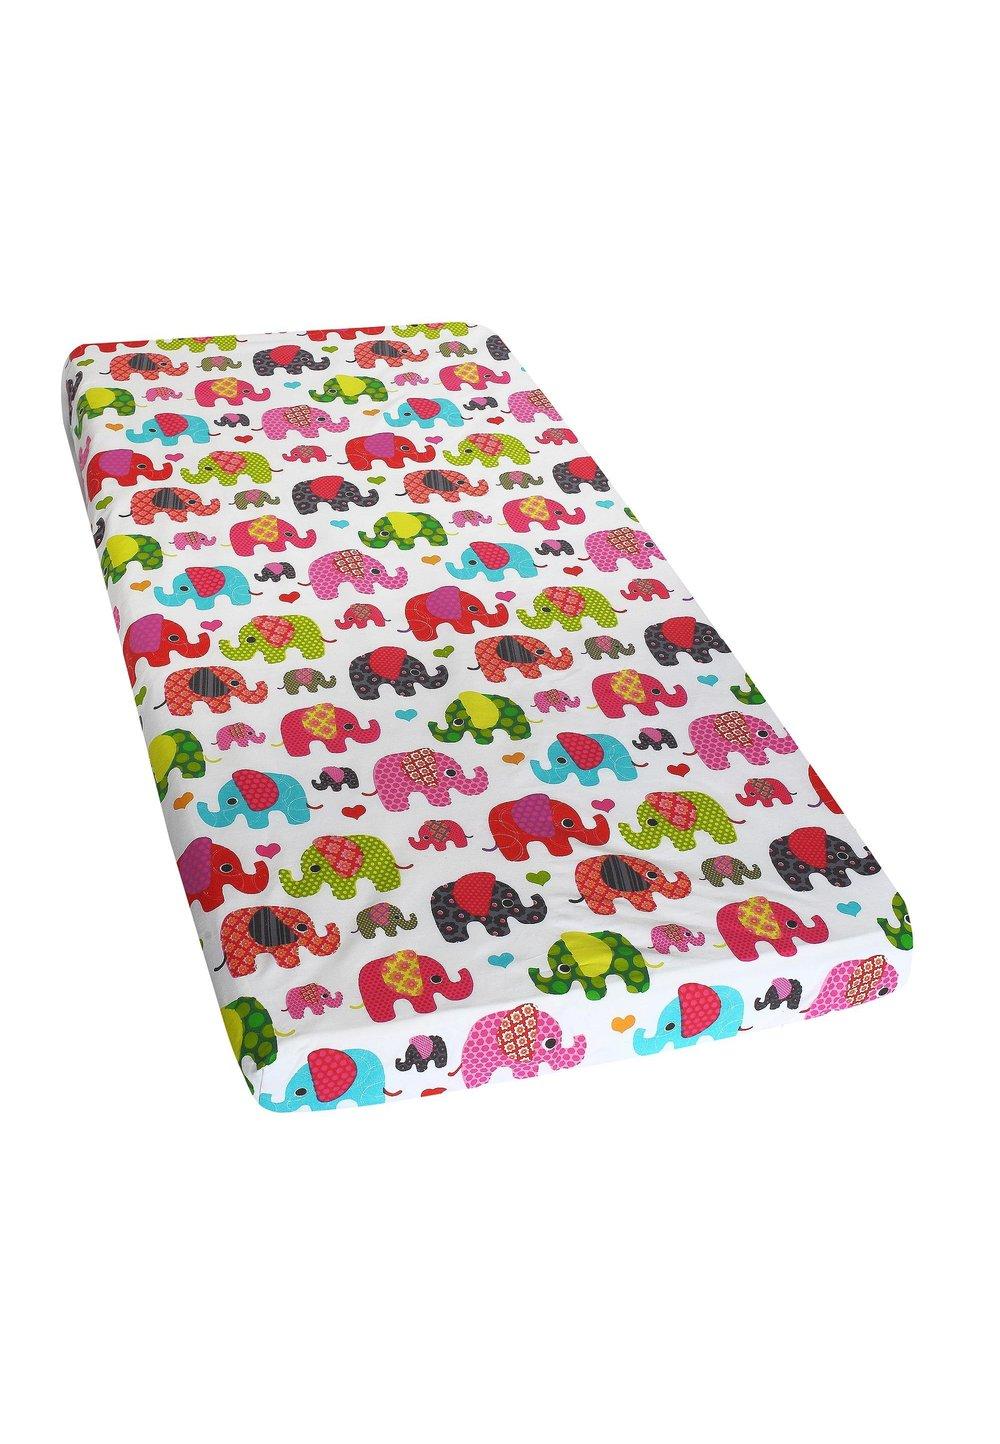 Cearceaf bumbac, elefantei roz, 120x60 cm imagine